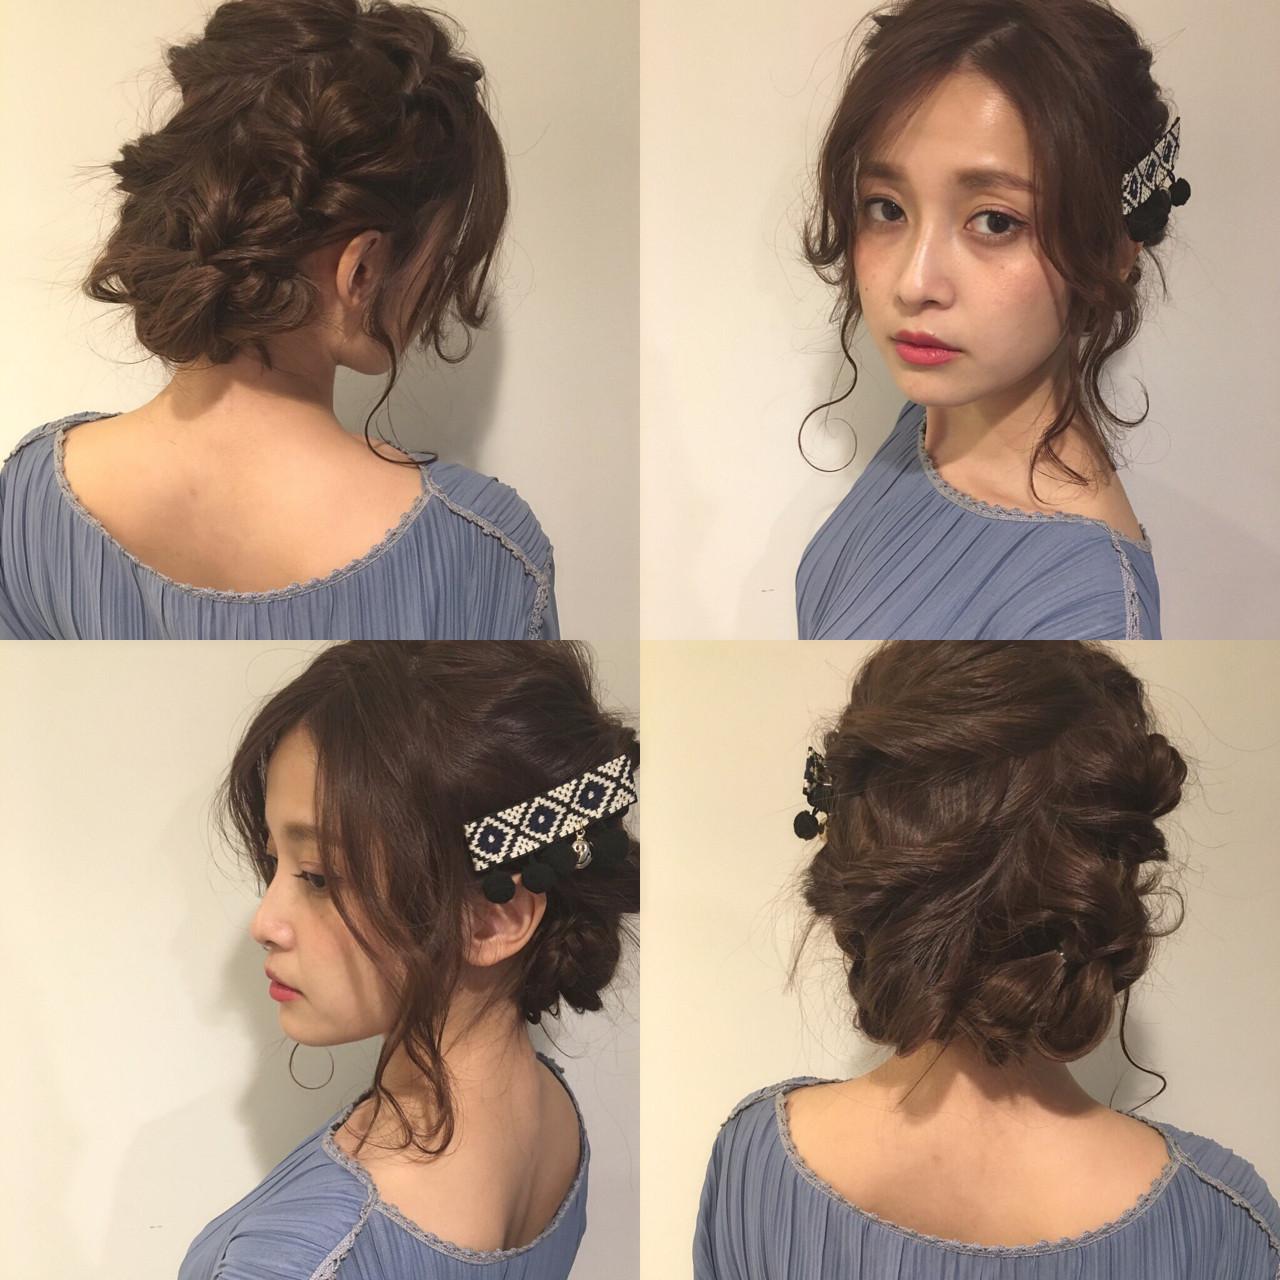 天然パーマを生かそう!くせ毛さん向けのパーマ髪型特集 渡会佳奈